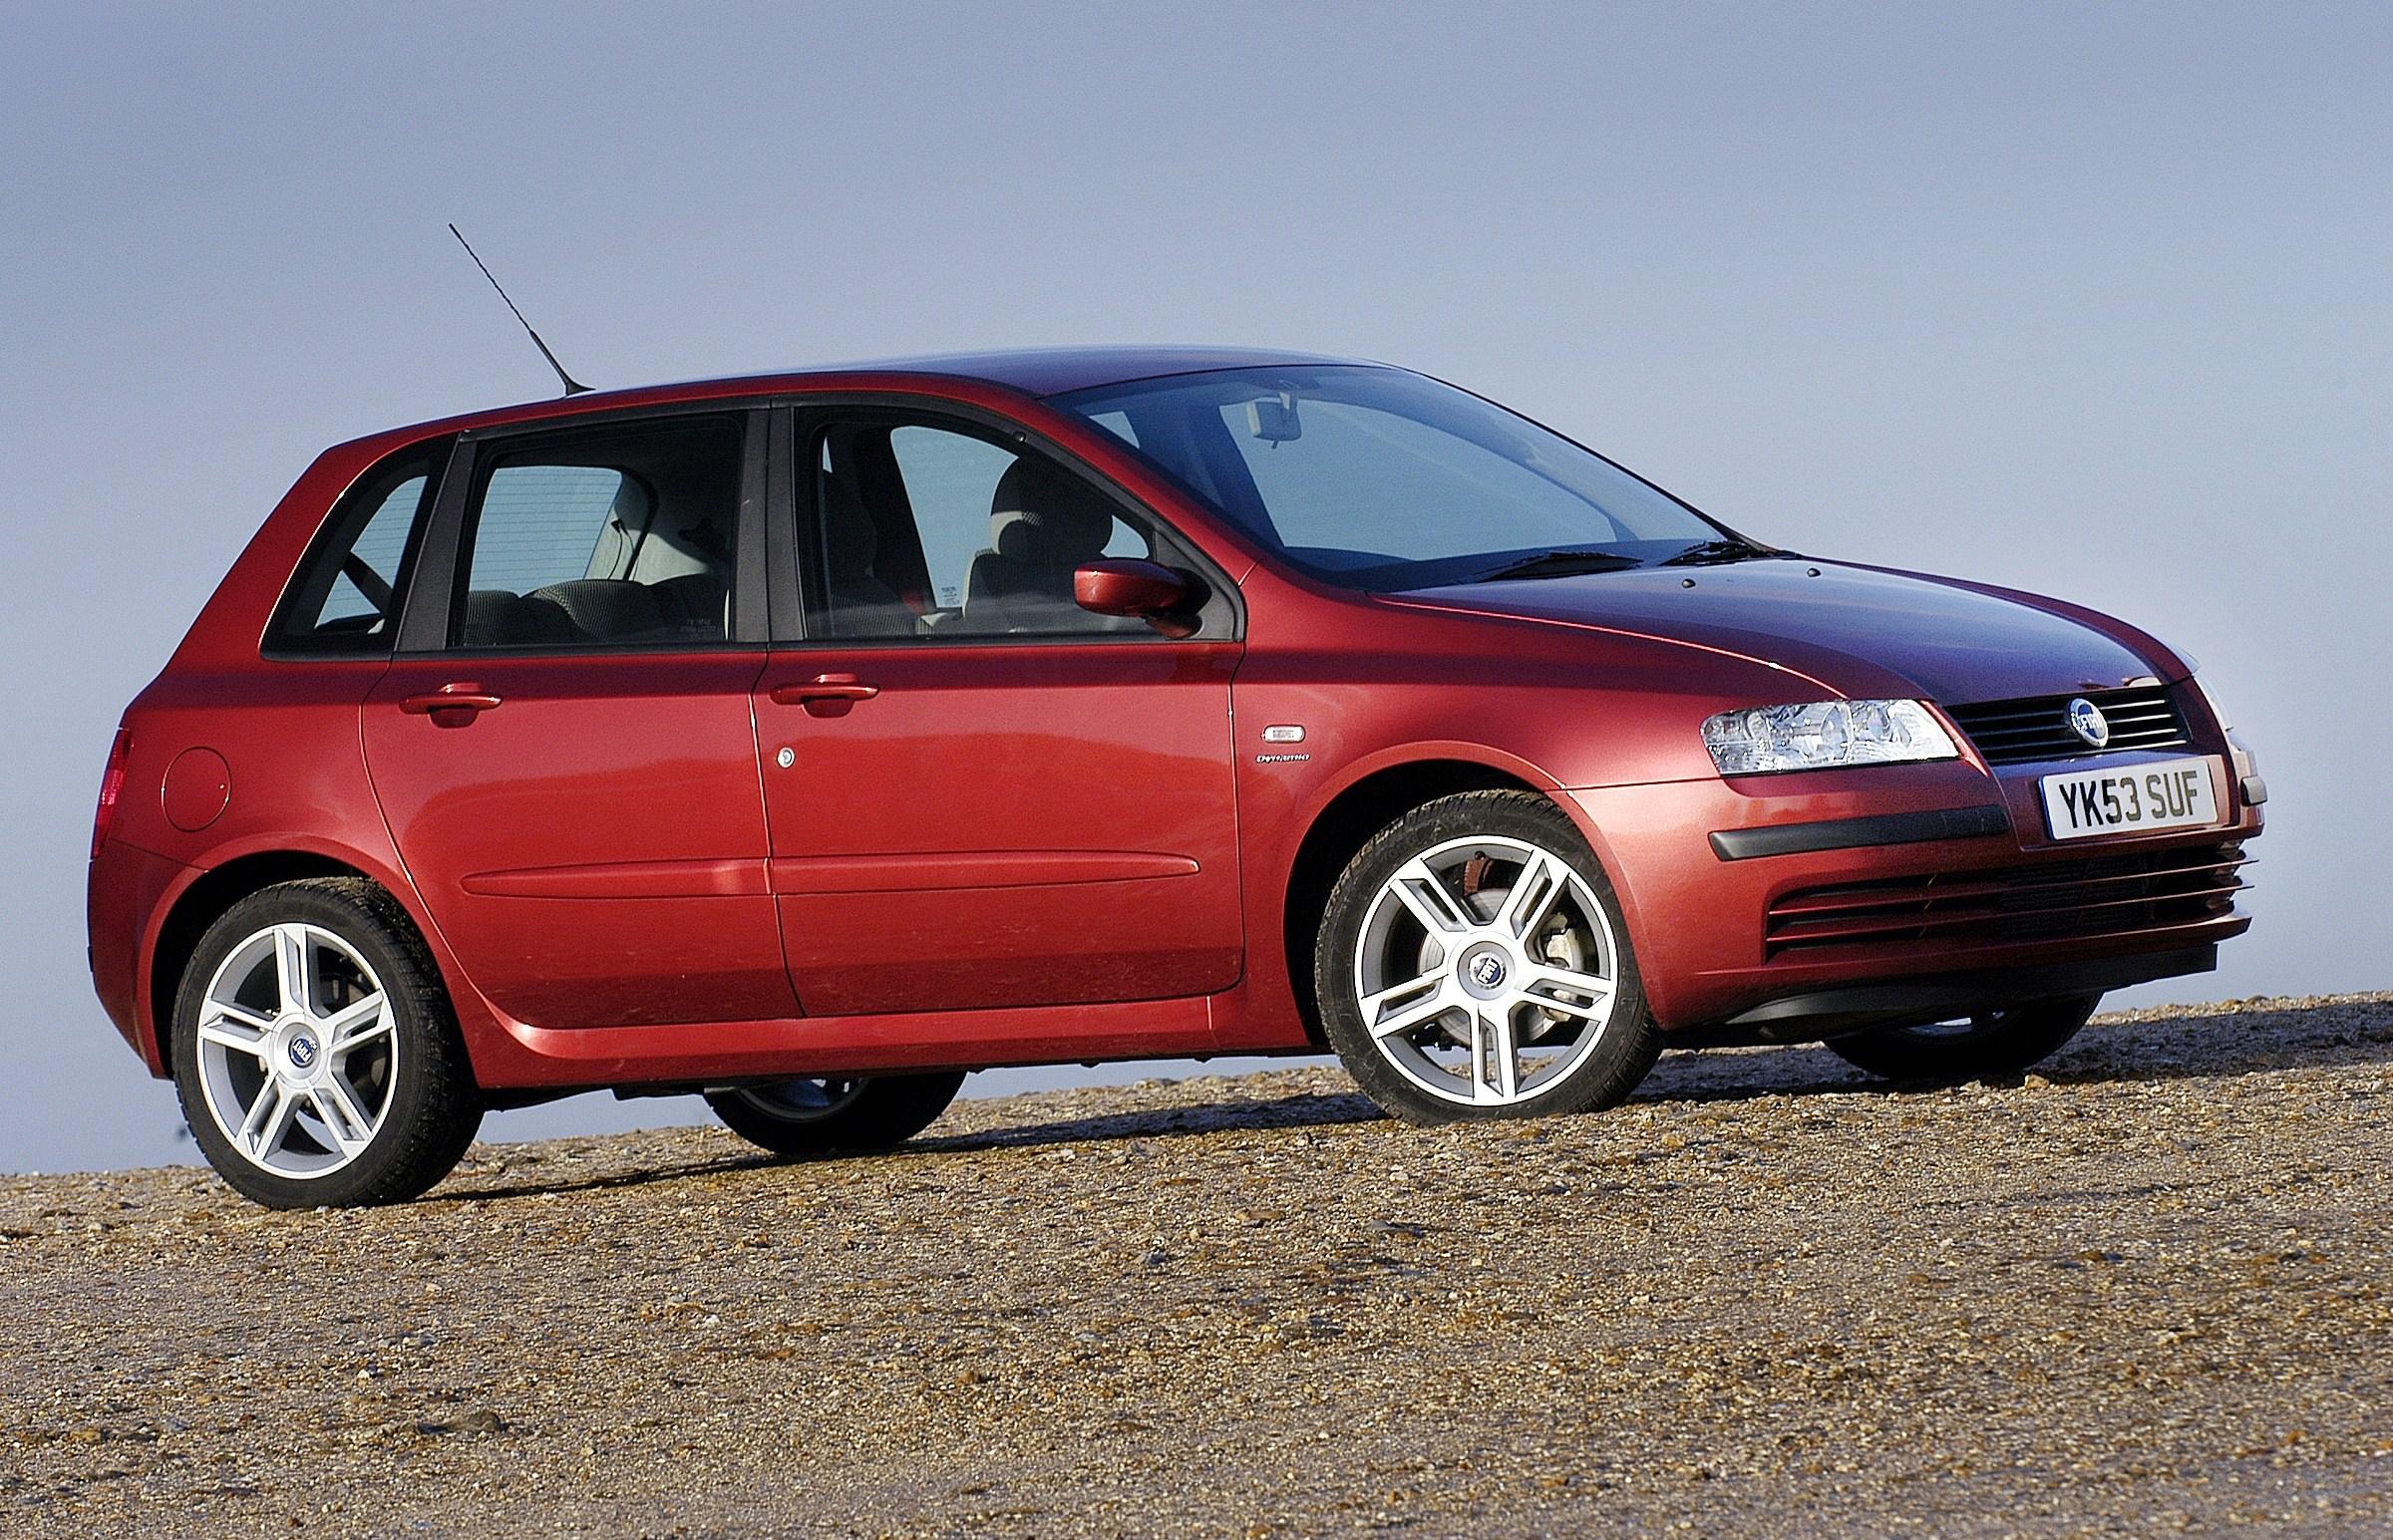 2004 Fiat Stilo Picture 39875